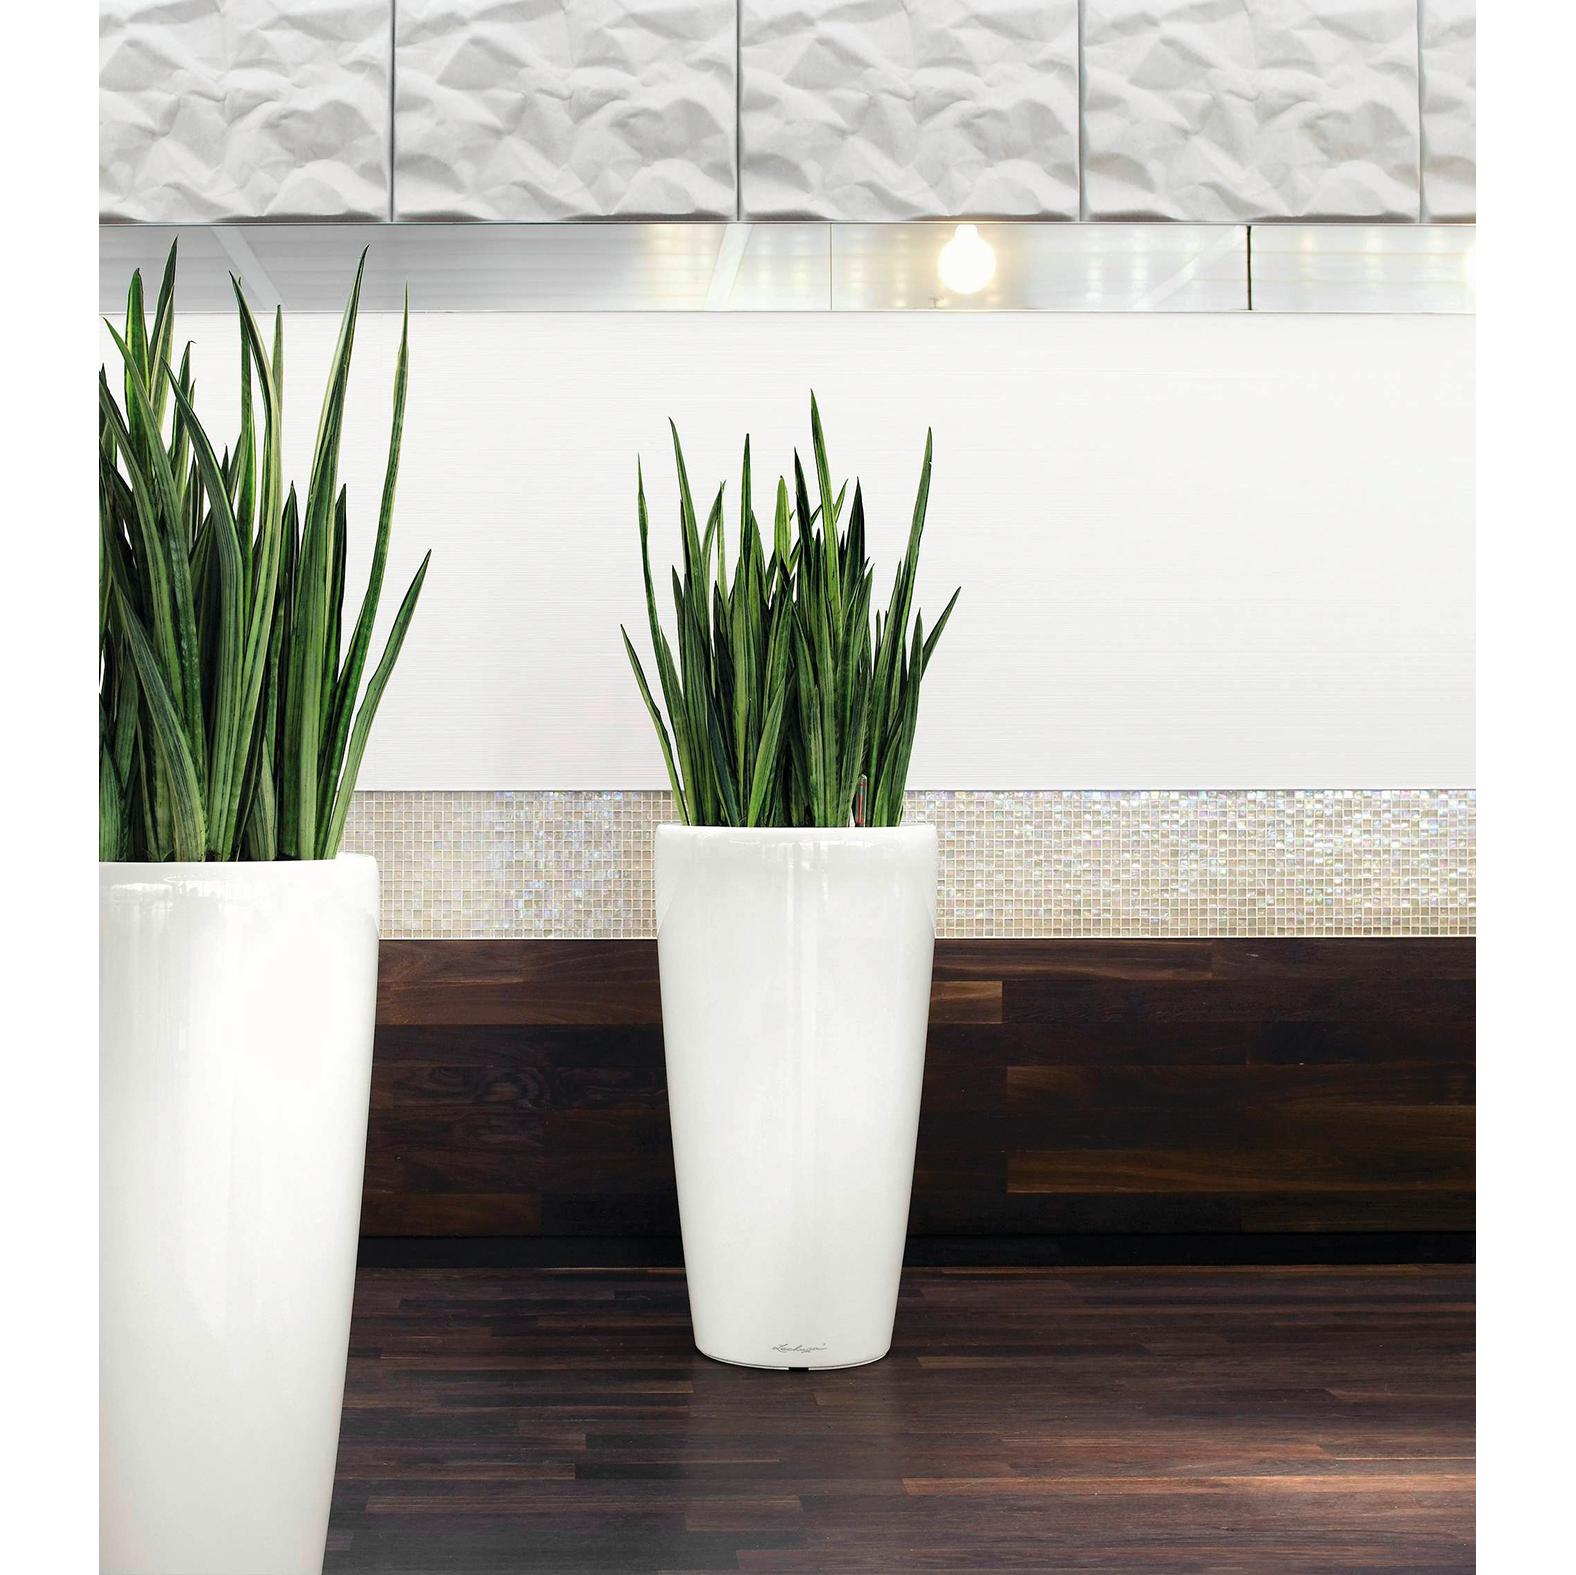 Zhangcheng vaso decorativo di design angolato moderno ornamento stile nordico ceramica vaso decorativi vasi moderni da interno in ceramica vaso semplice e. Vaso Di Design Bianco Lucido Da Interni Ed Esterni Composizioni Floreali Design Esterno